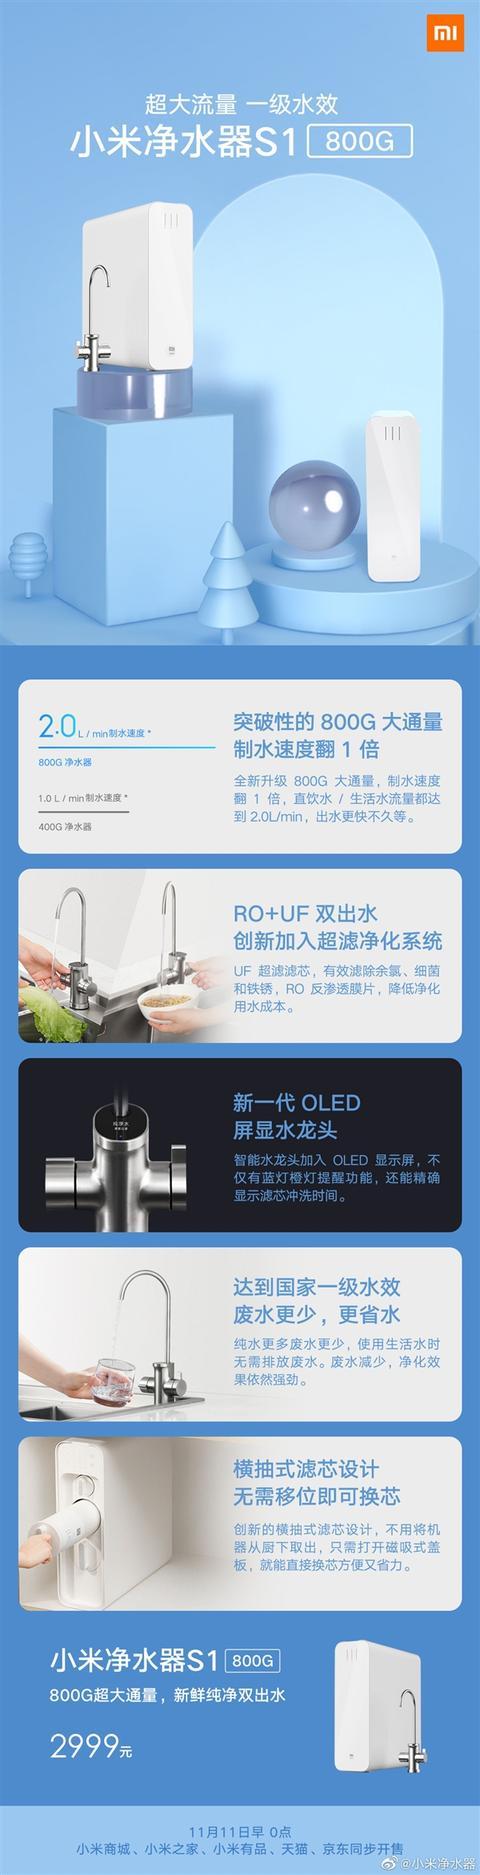 q友之家小米净水器S1 800G发布:制水速度高达每分